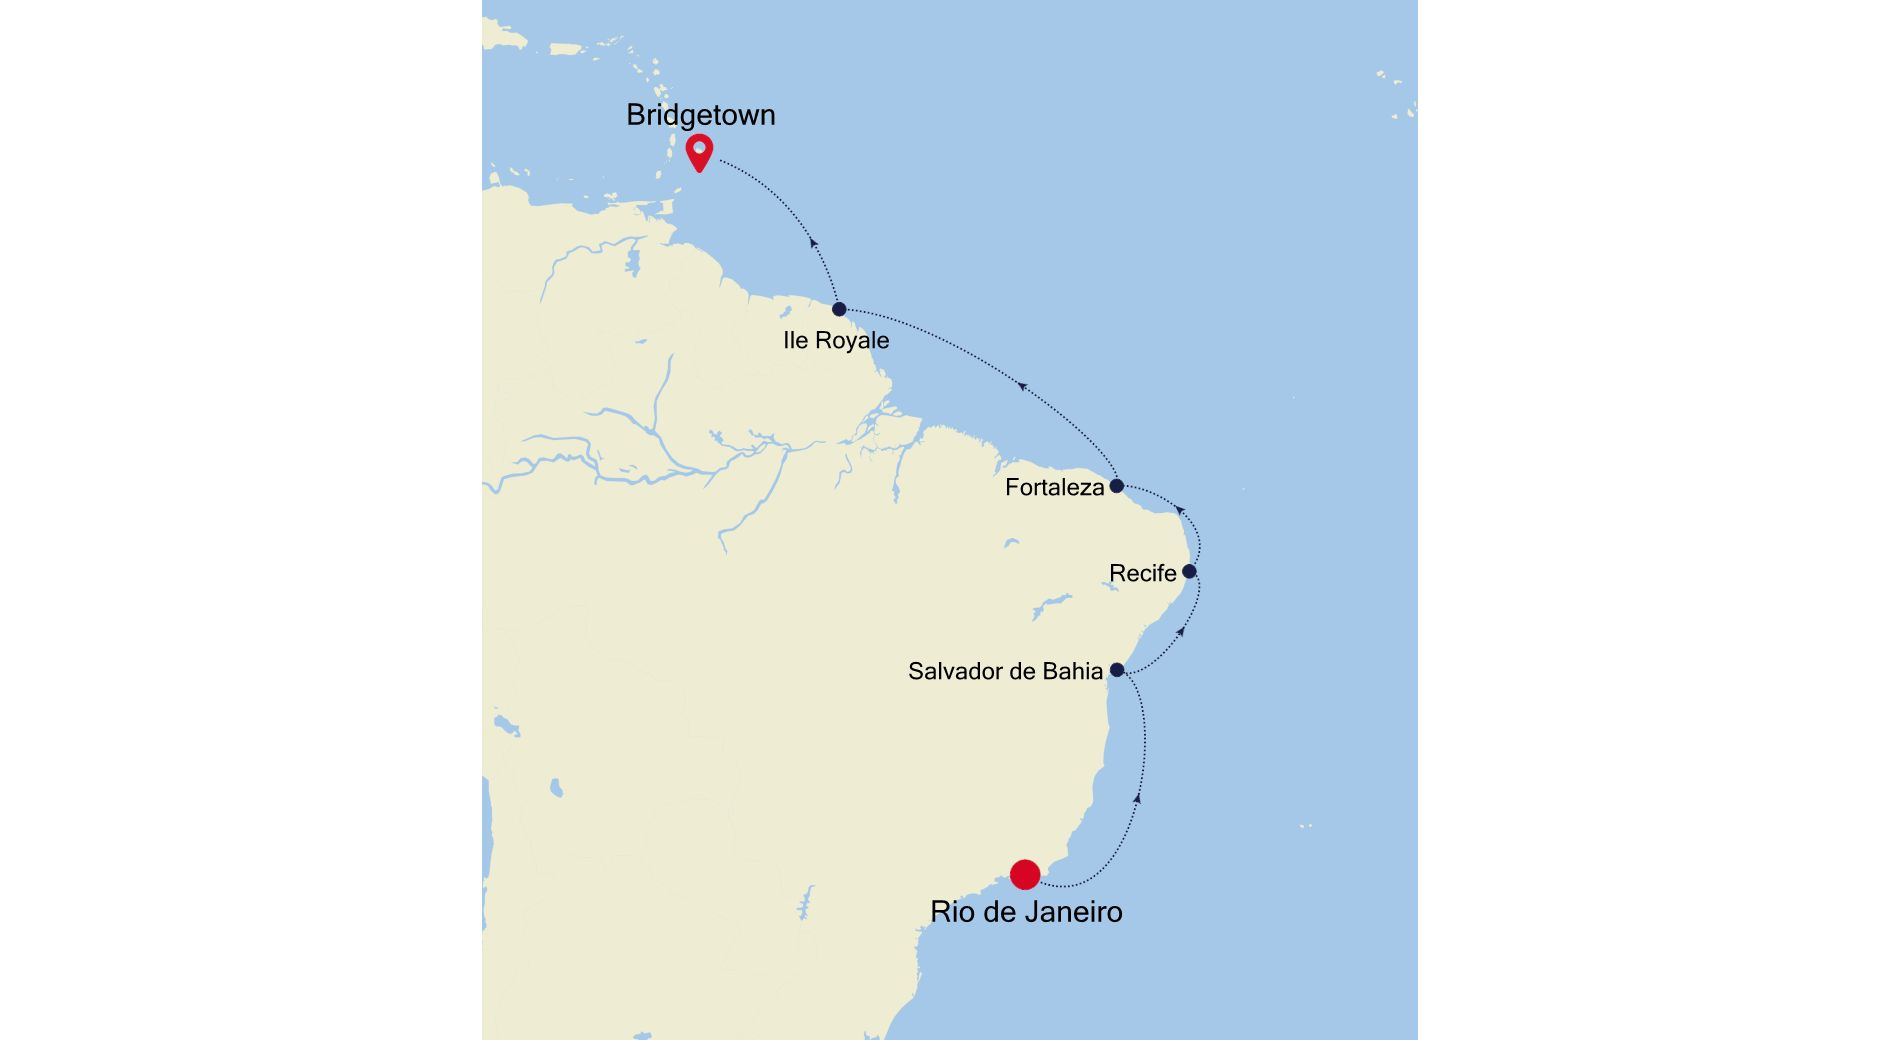 3004A - Rio de Janeiro nach Bridgetown